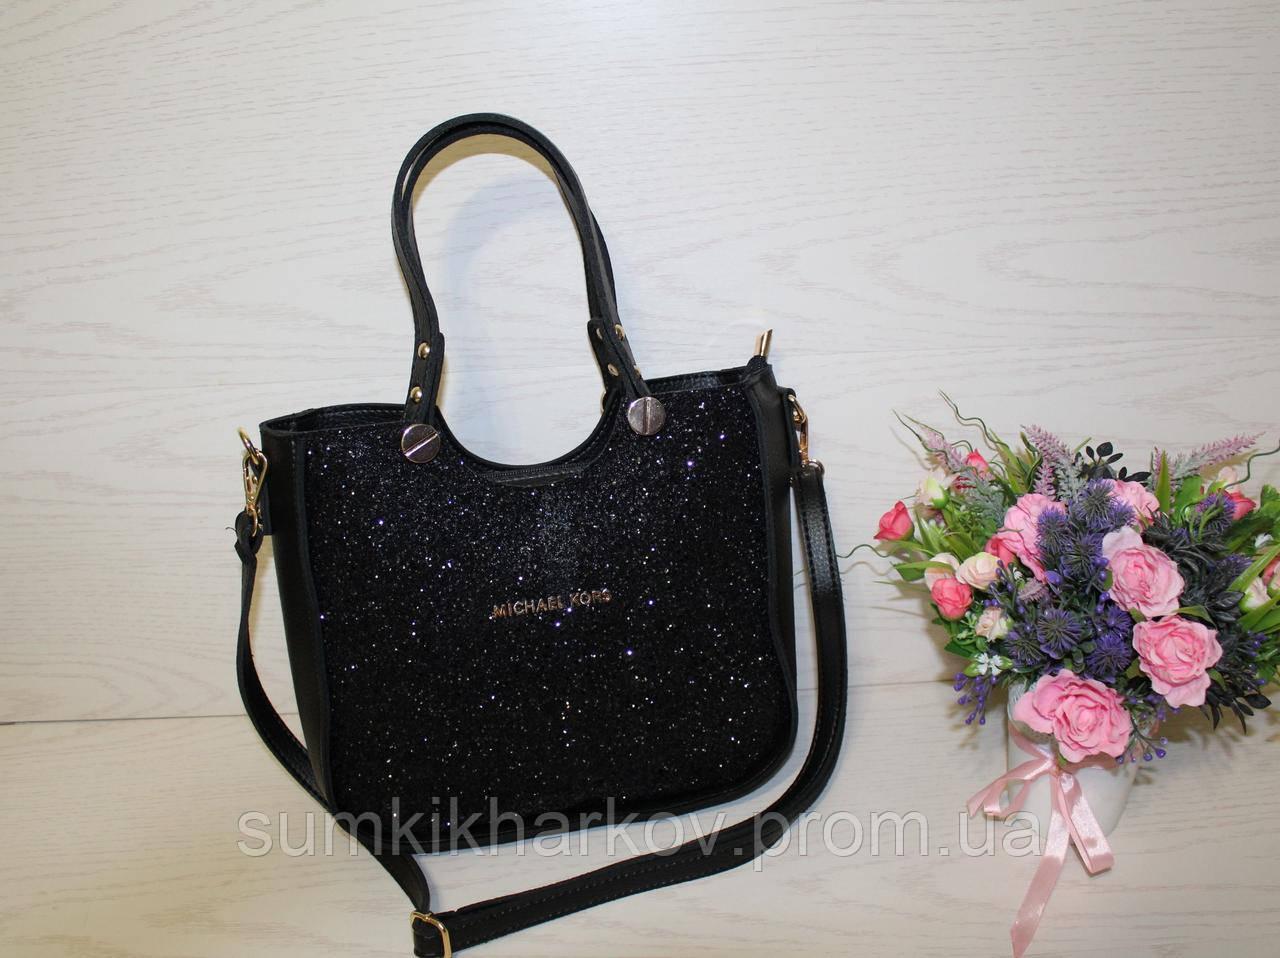 55f14cf166fb Женская черная стильная сумка с глиттером,черный блеск,новинка ,Michael  Kors,сумка